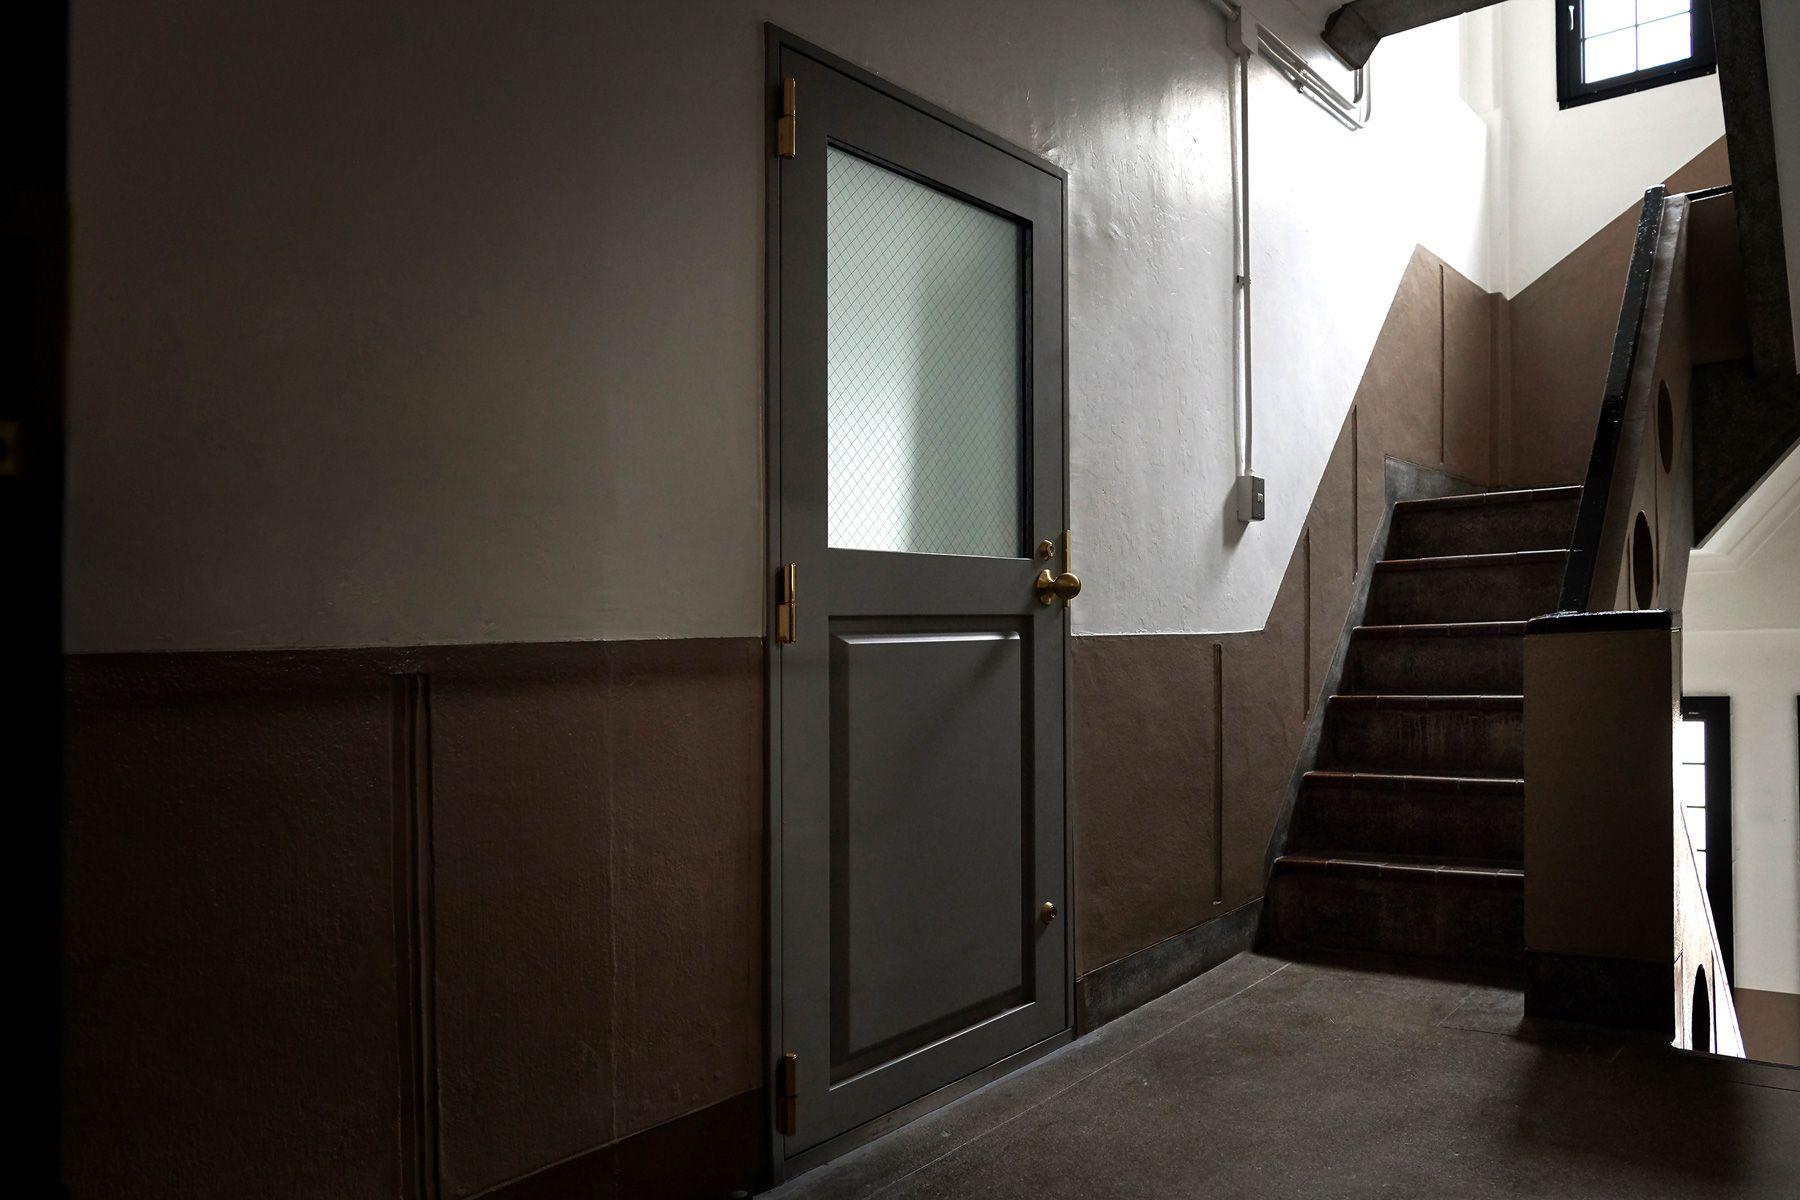 BLANK (ブランク)レトロな雰囲気の部屋の入口